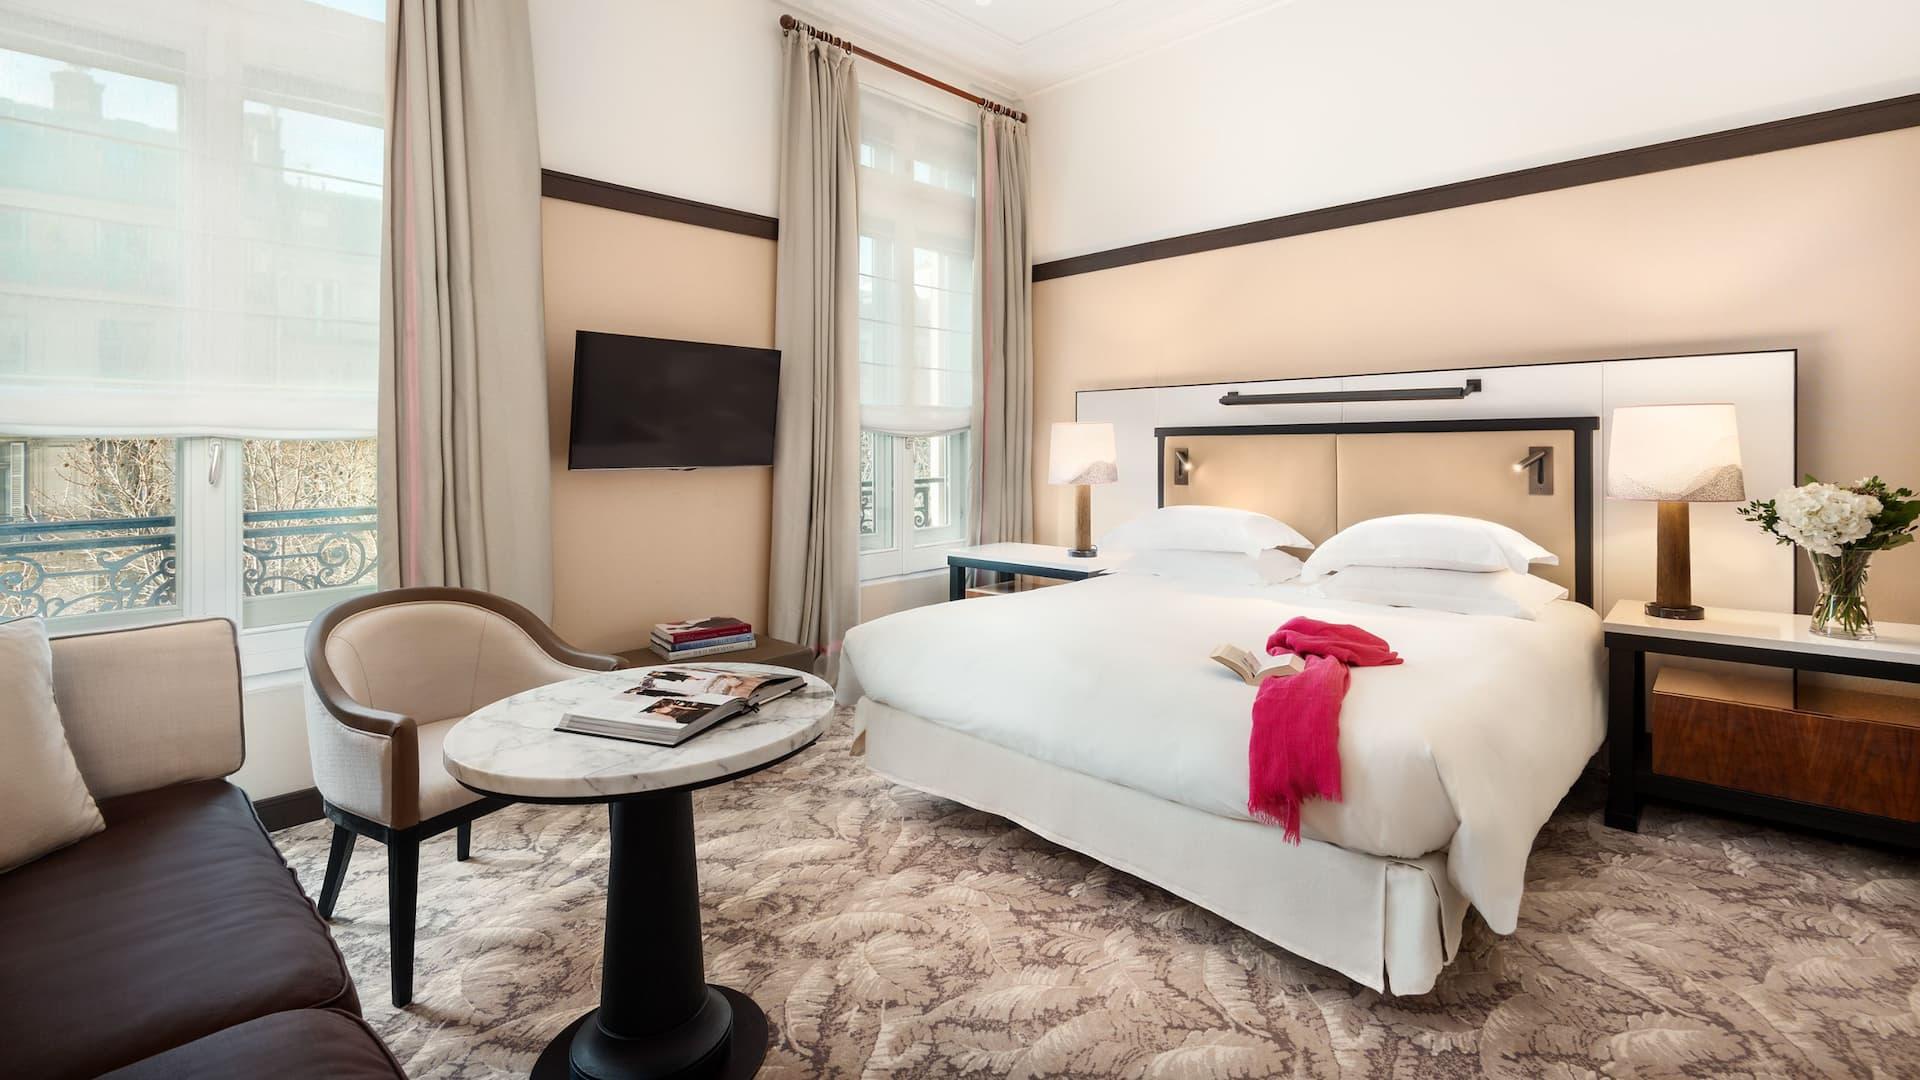 Junior Suite at Hyatt Paris Madeleine